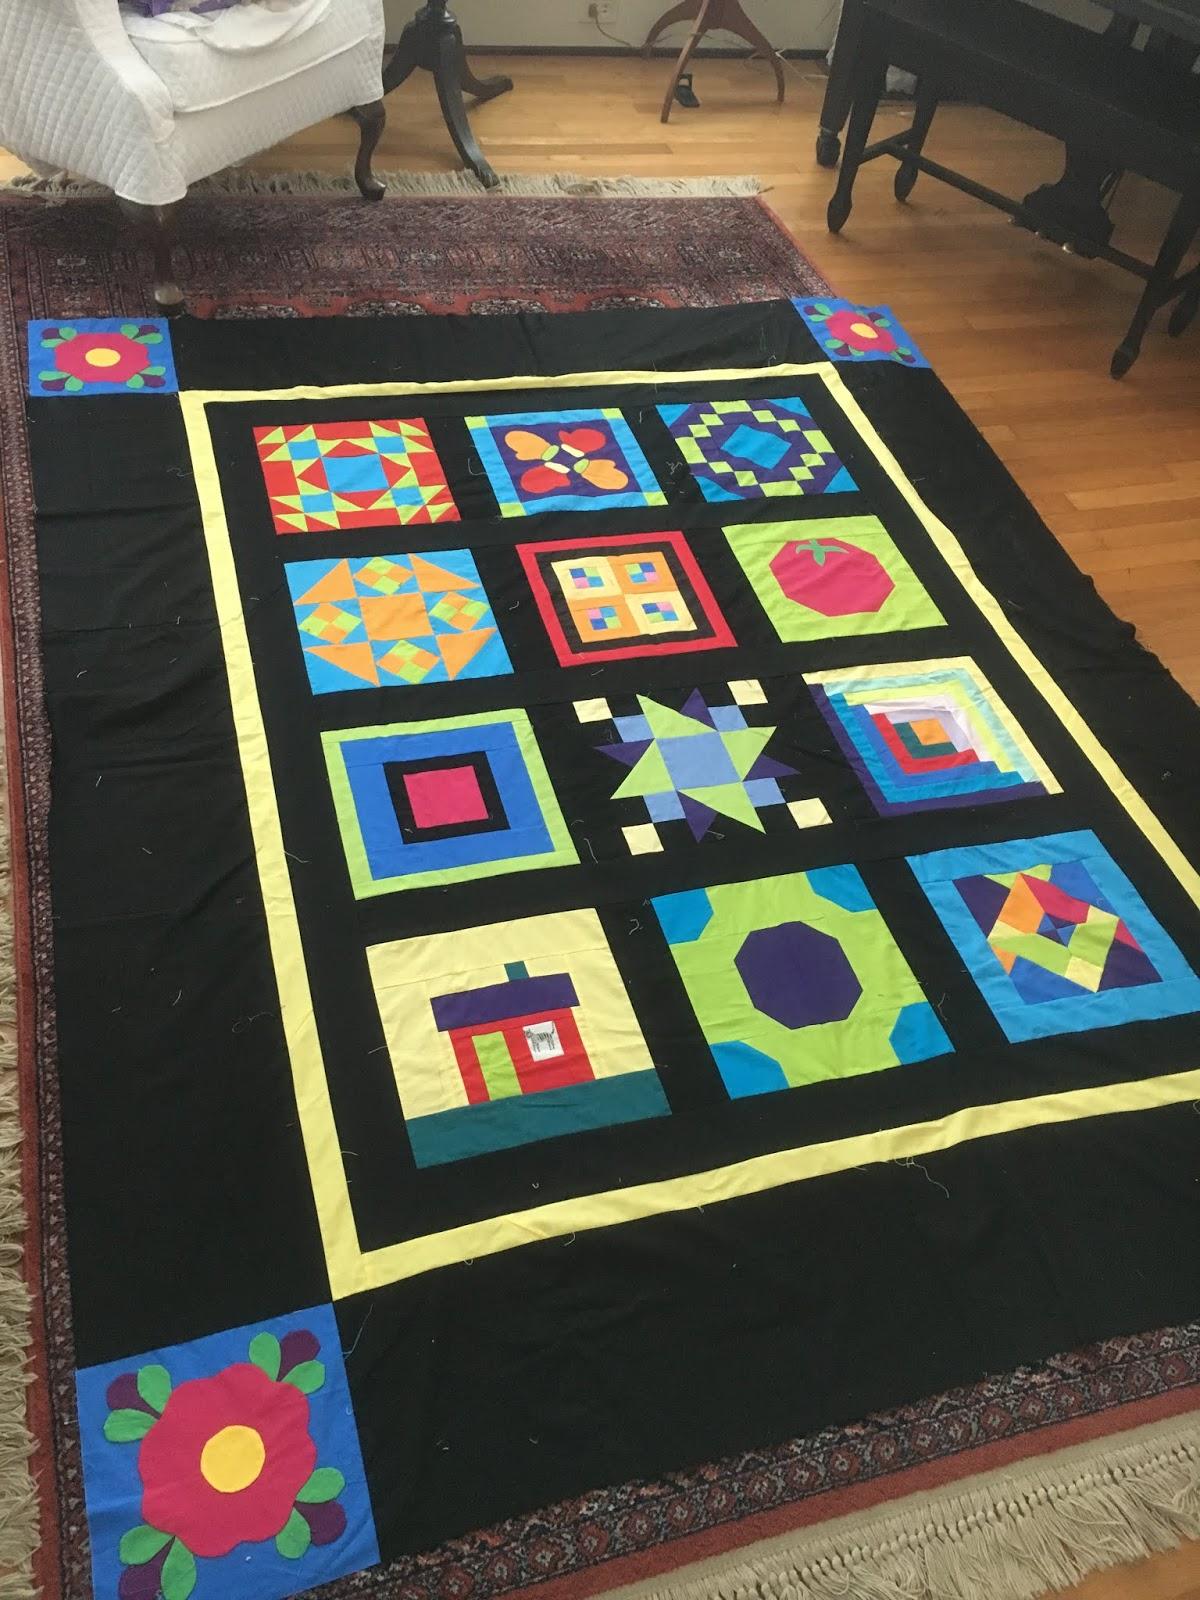 Snug Harbor Quilts